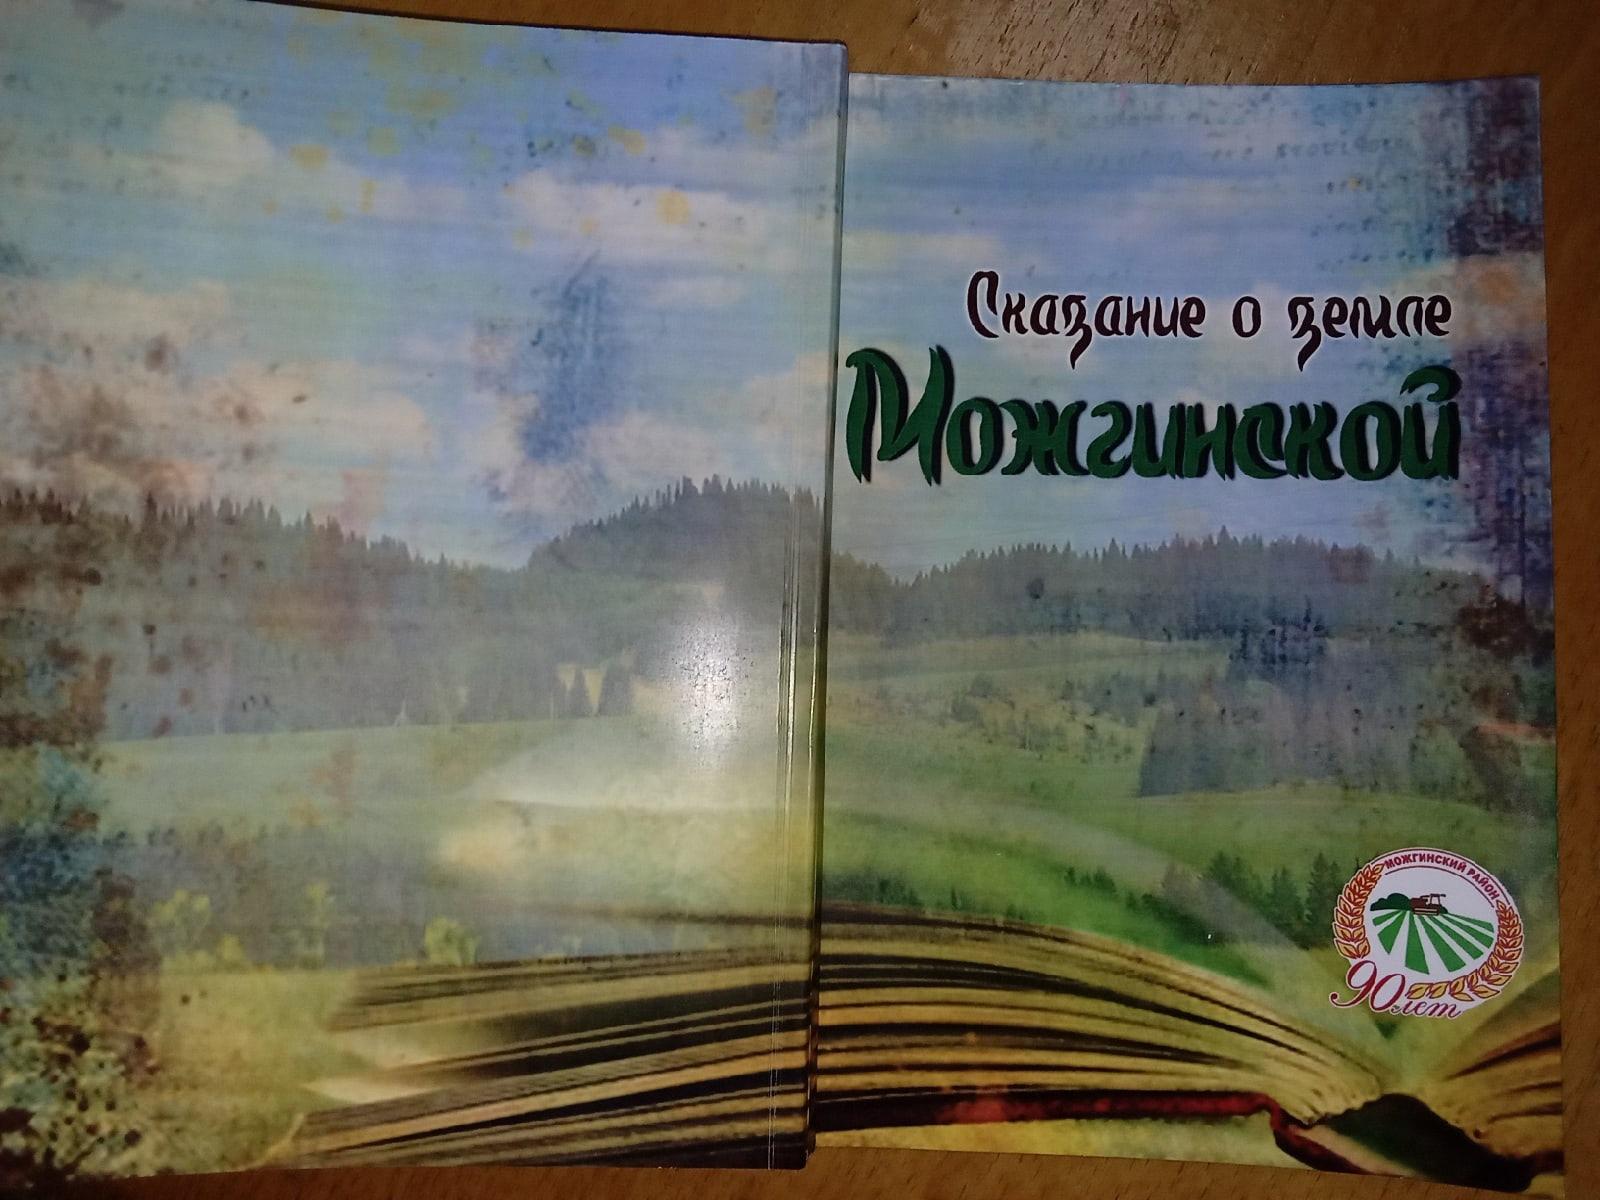 Обществом ограниченной ответственностью «Издательство «Шелест» г. Ижевска